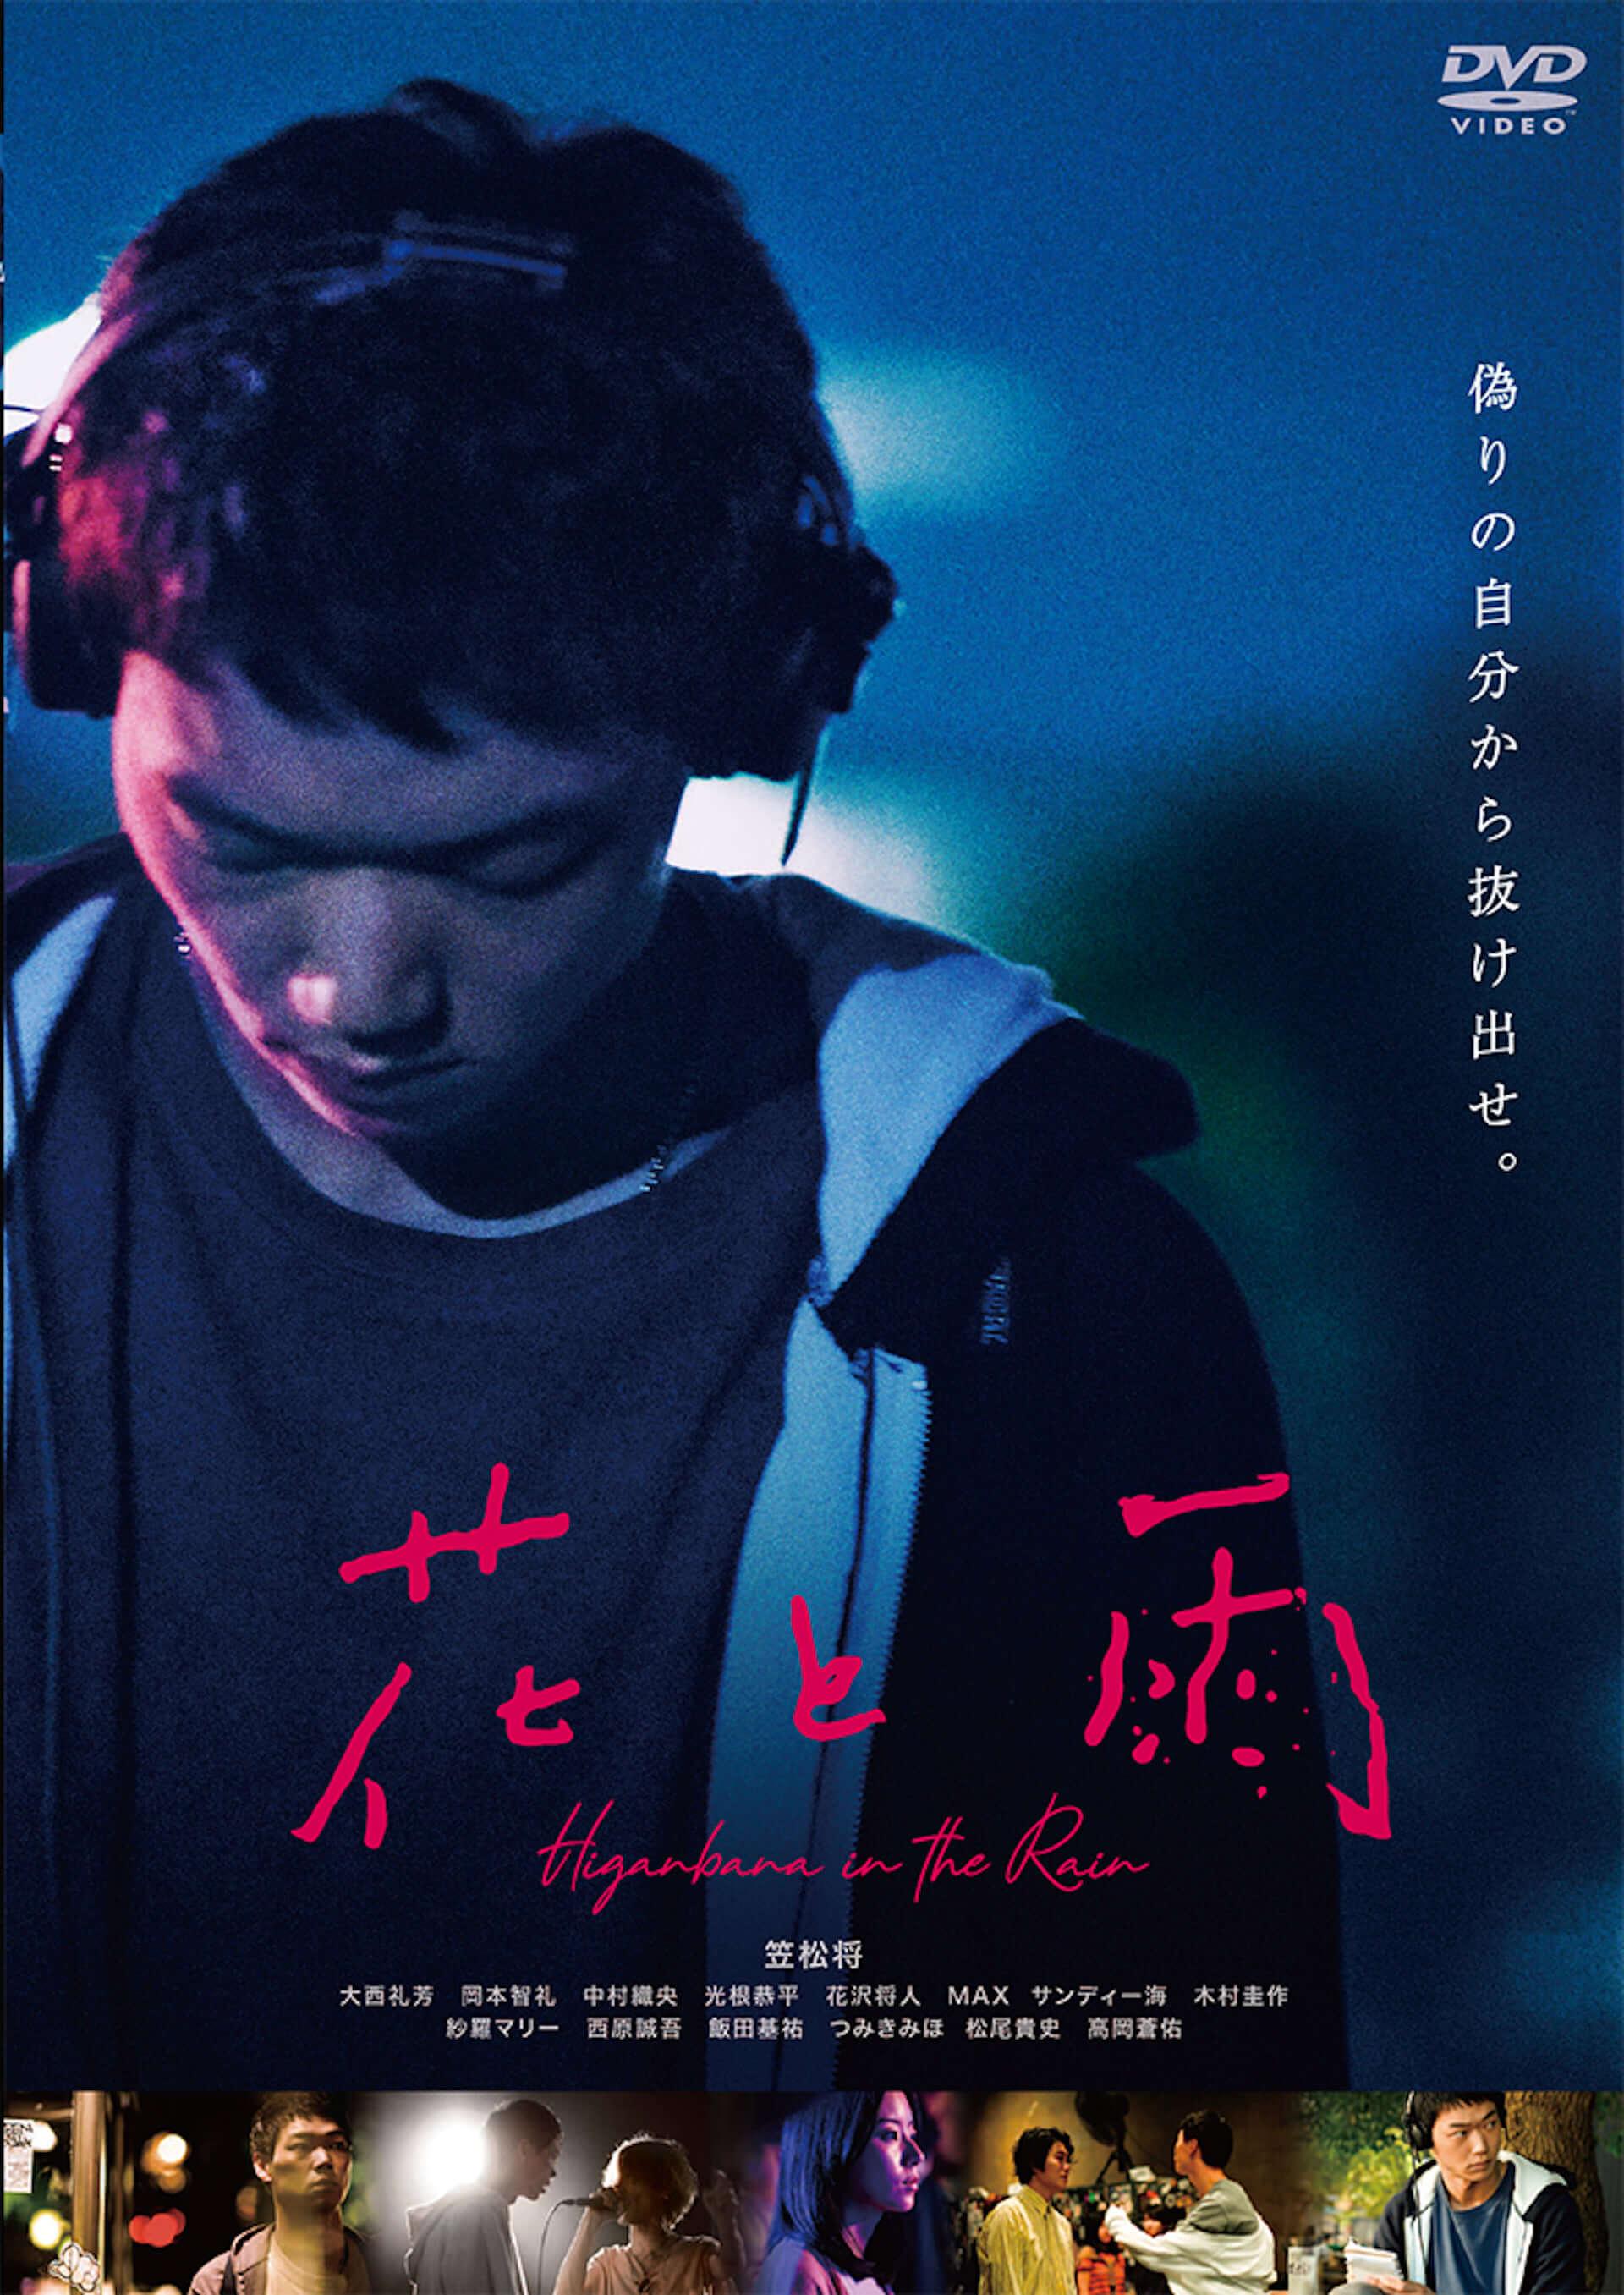 SEEDAの歴史的名盤を映画化した、笠松将主演『花と雨』がAbemaTVで独占先行配信決定! film200715_hanatoame_8-1920x2713